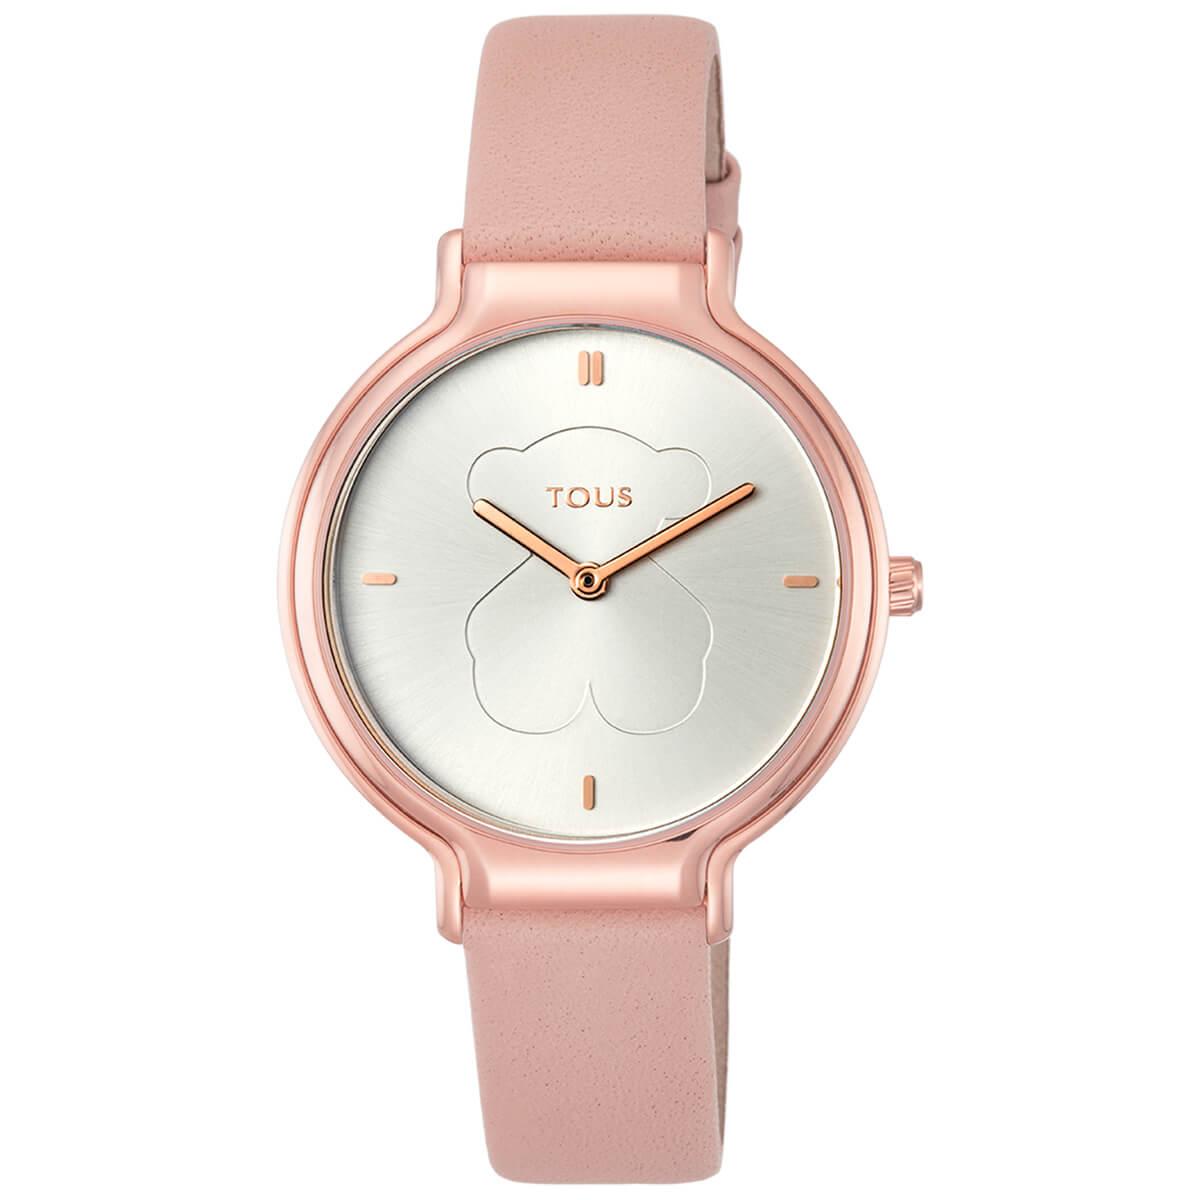 Reloj TOUS con caja de acero acabado en color rosado. Fondo de la esfera color plata . Diametro 34 mm. Resistente al agua 5 ATM.